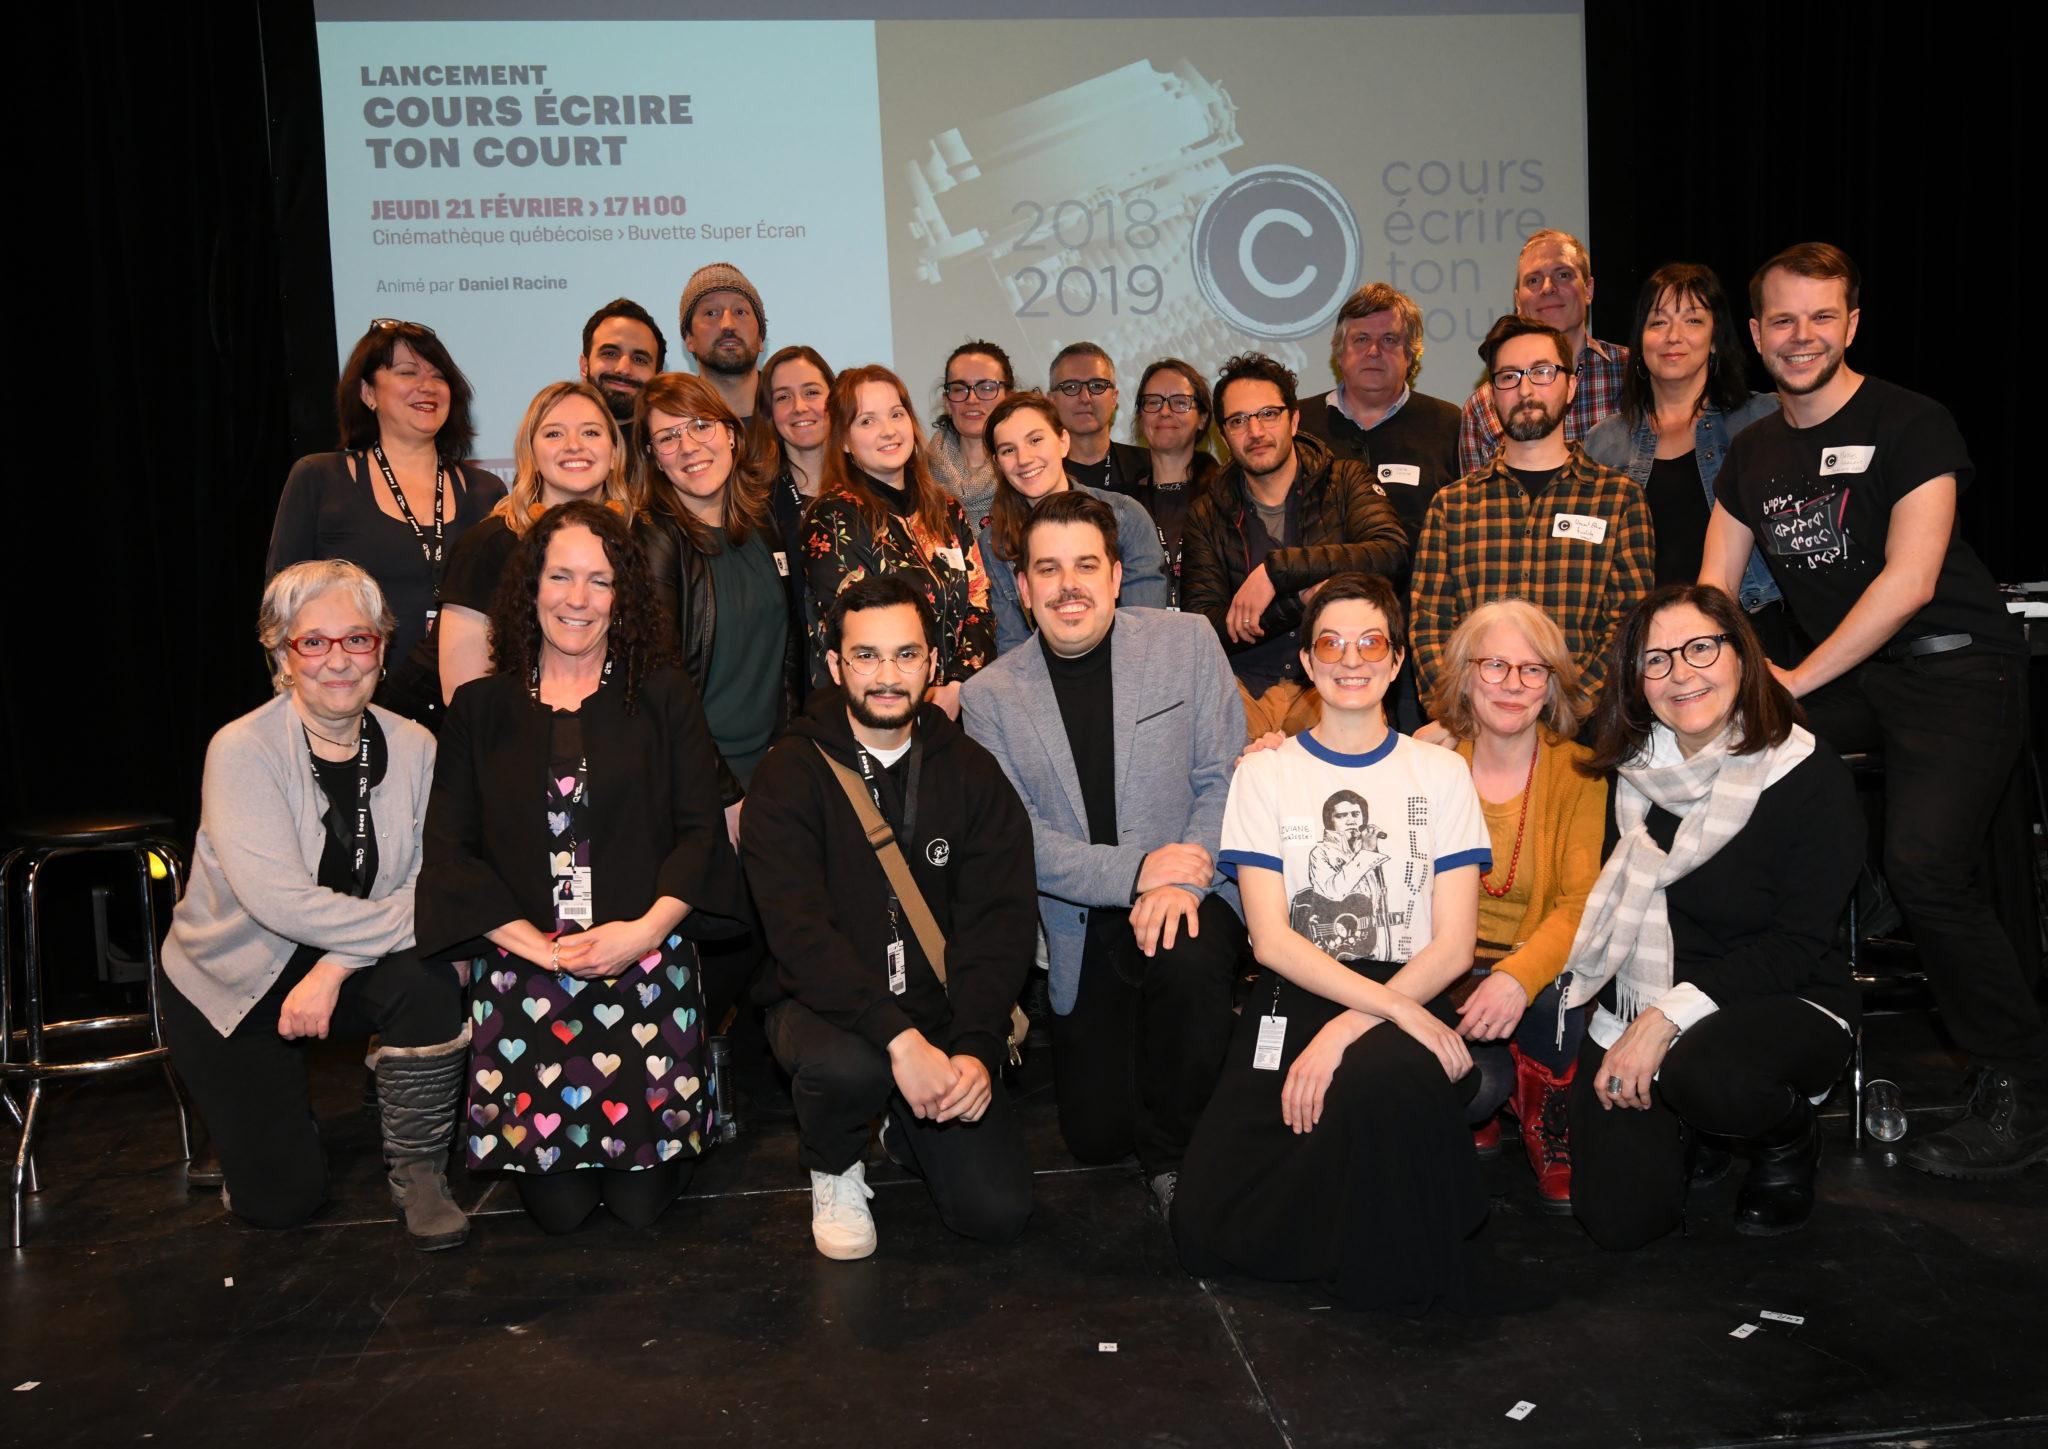 Les sept finalistes de Cours écrire ton court 2019 sont enfin dévoilés